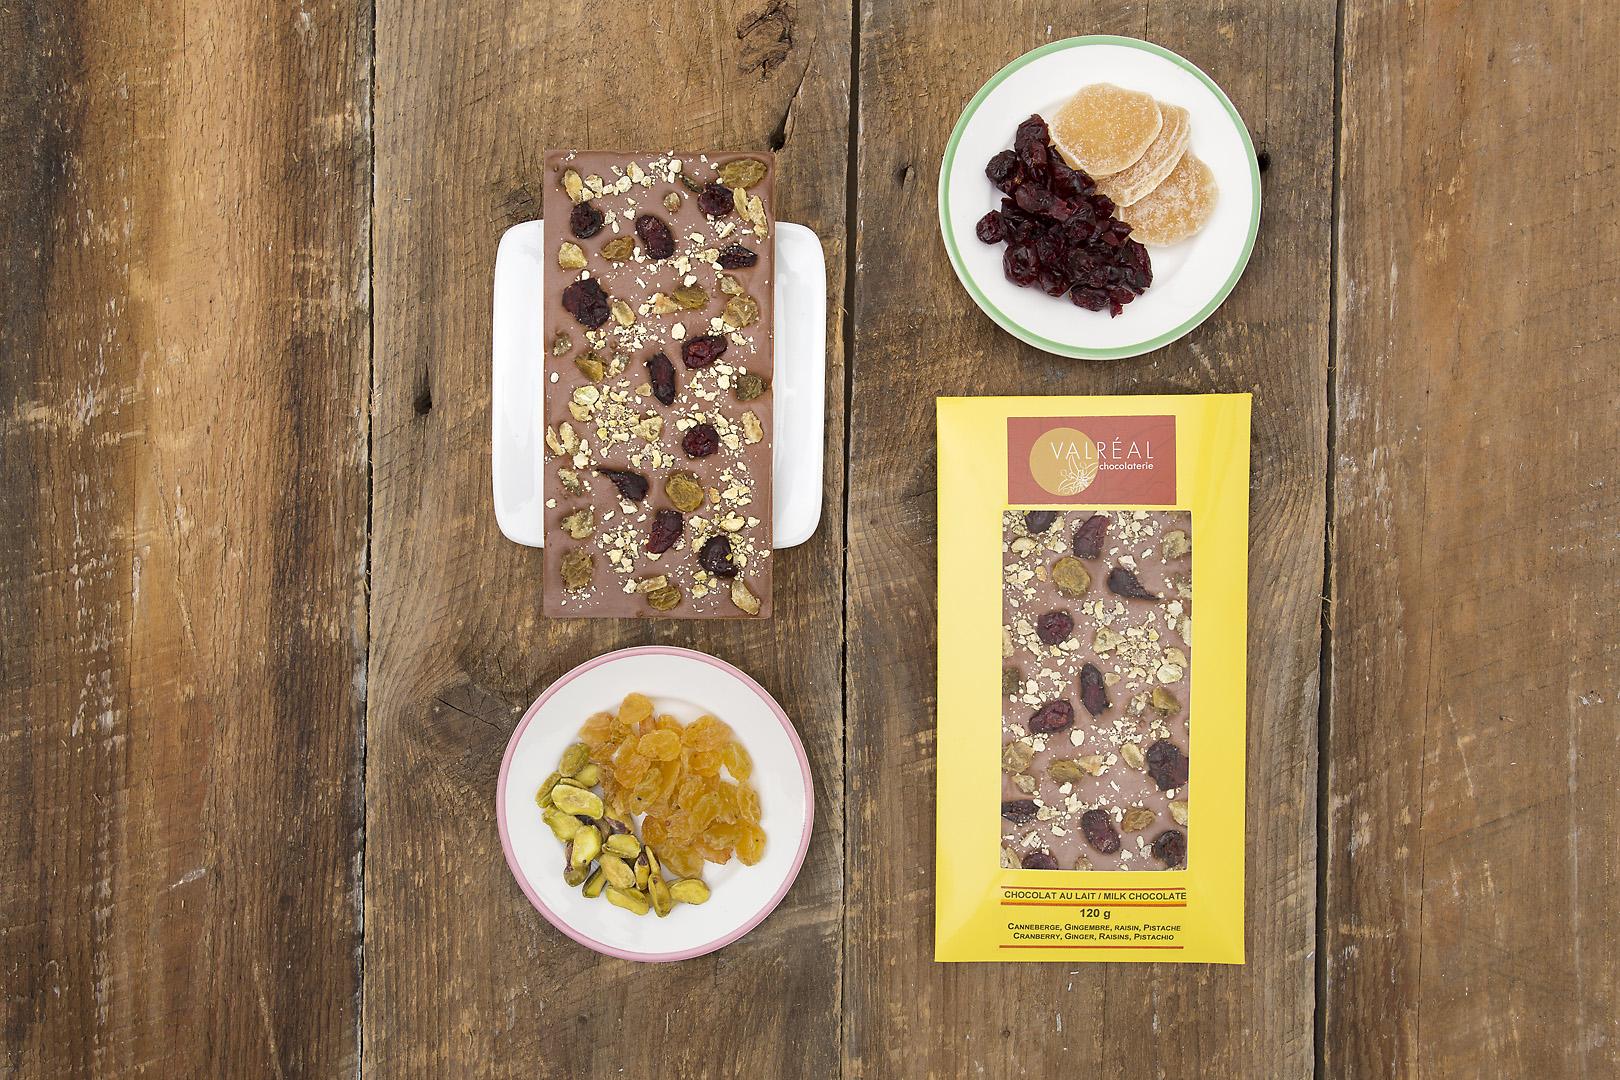 photographe-chocolat-produit-the-valreal-tablette-lait-gingembre-raisin-pistache-canneberge